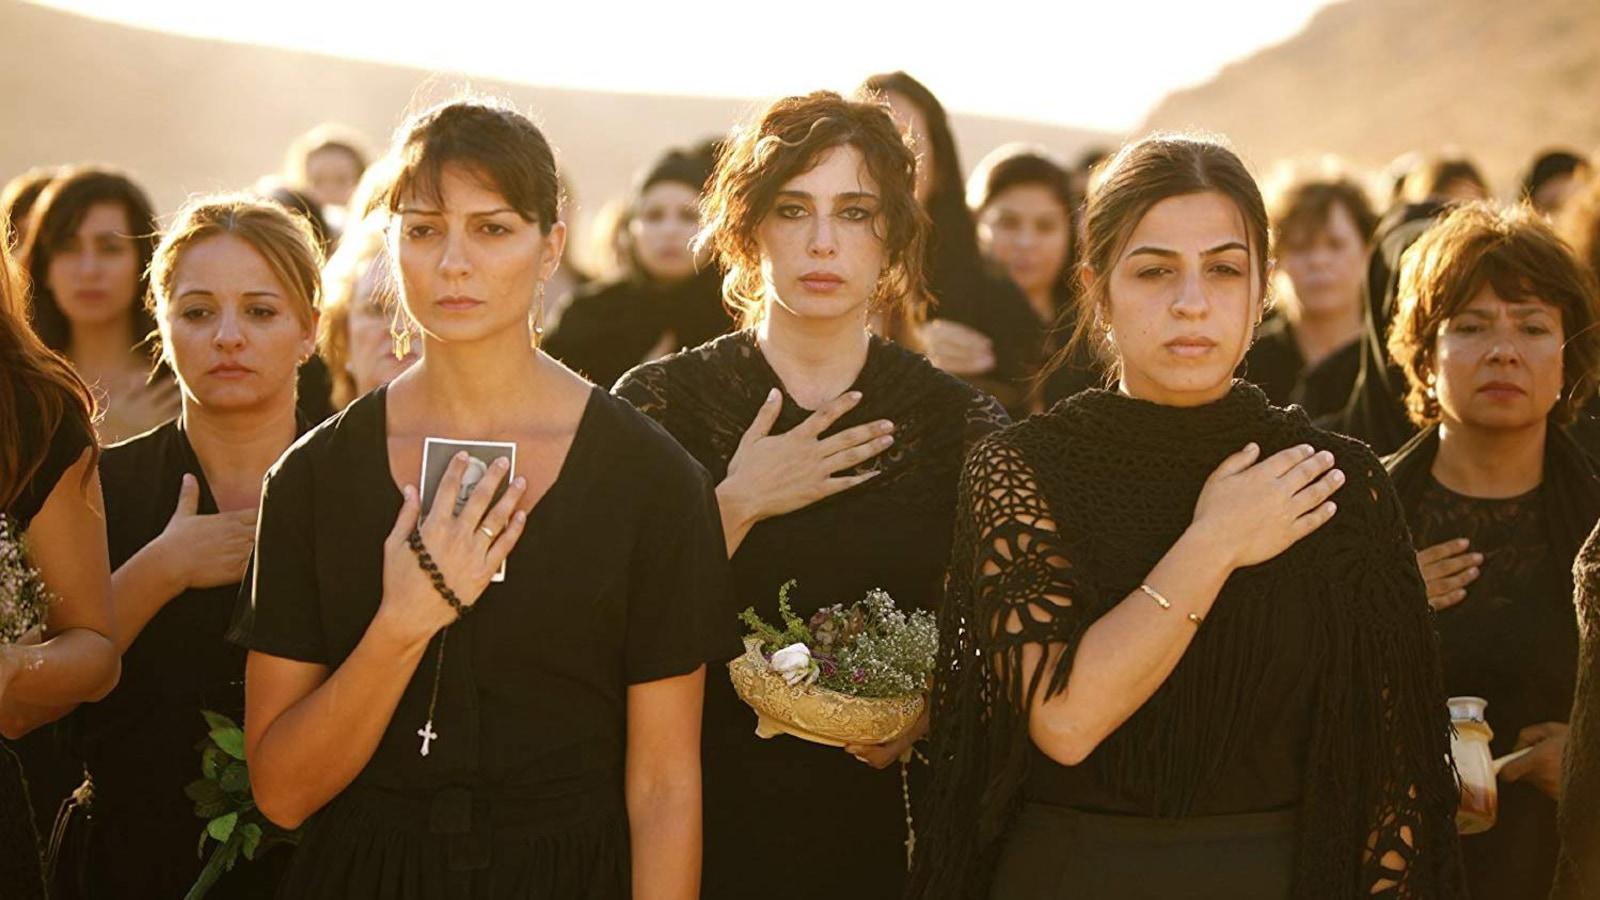 Un groupe de femmes habillées en noir, la main sur le coeur.